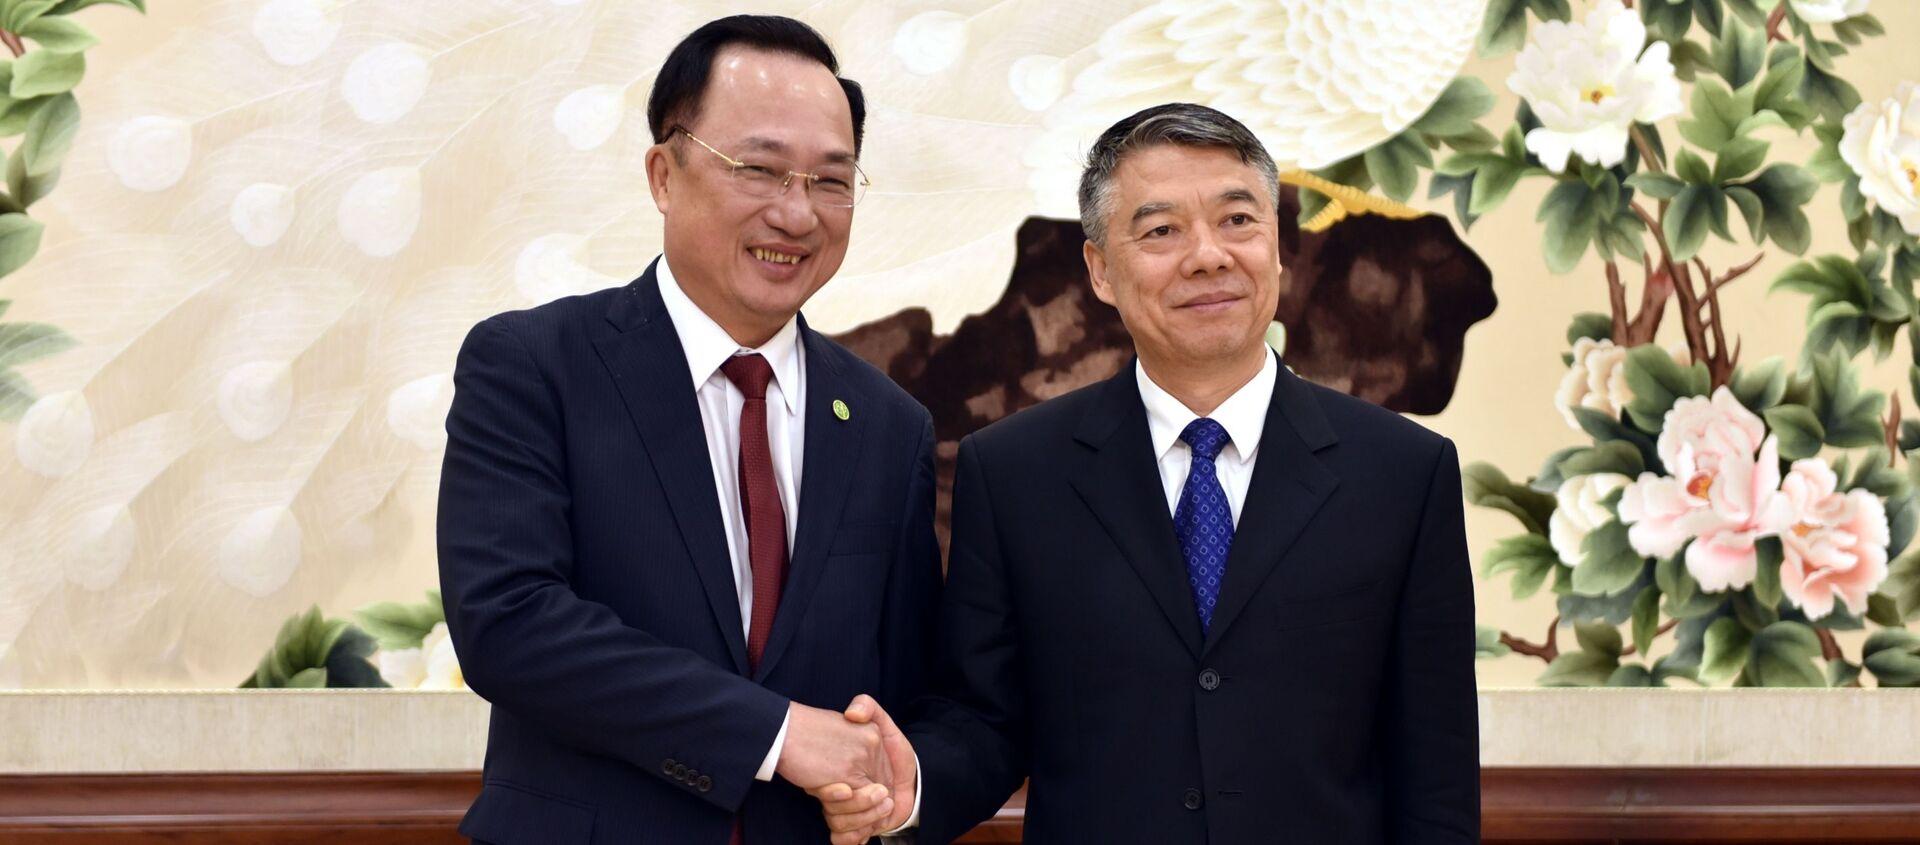 Thượng tướng Nguyễn Văn Thành, Ủy viên Trung ương Đảng, Thứ trưởng Bộ Công an và Lưu Chiêu (Liu Zhao), Thứ trưởng Bộ Công an Trung Quốc  - Sputnik Việt Nam, 1920, 29.04.2019